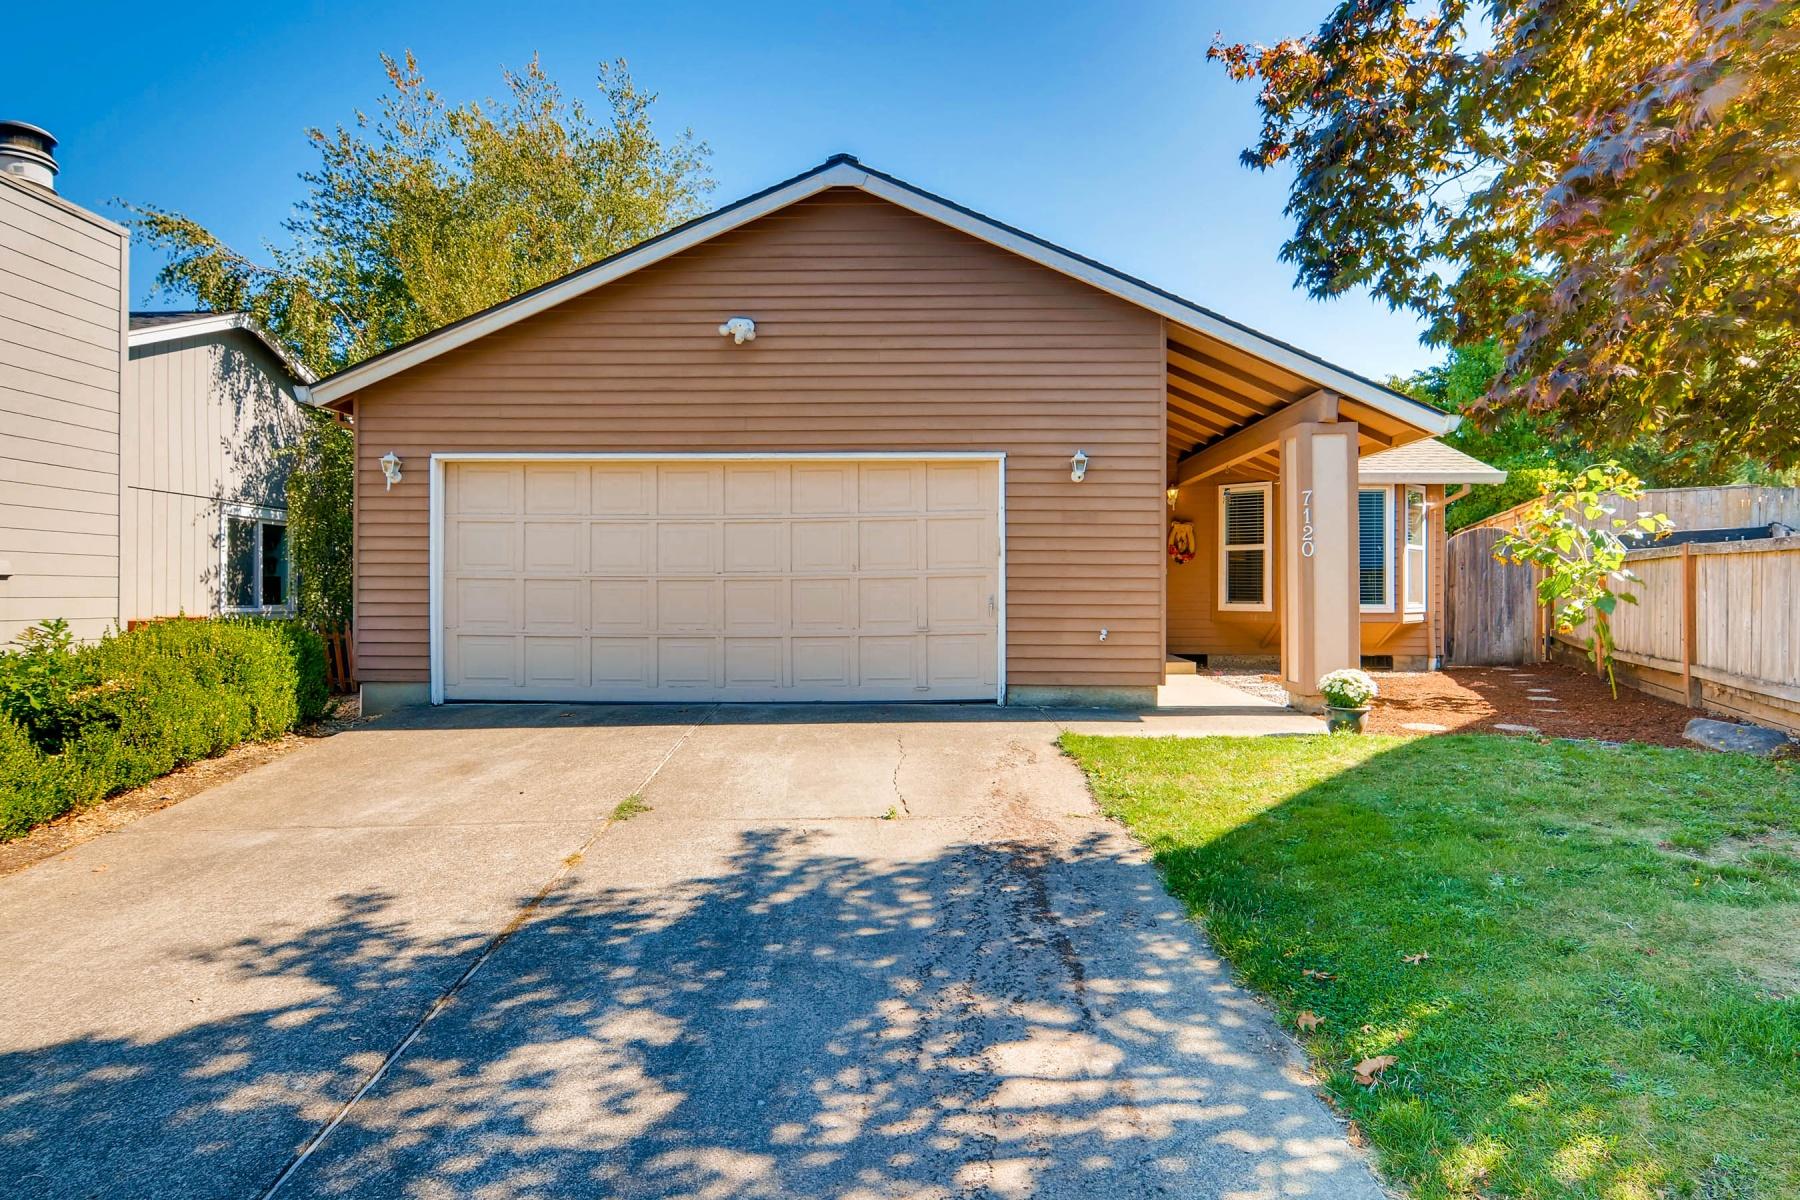 Частный односемейный дом для того Продажа на 7120 Sw 175th Ave Beaverton, Орегон, 97007 Соединенные Штаты